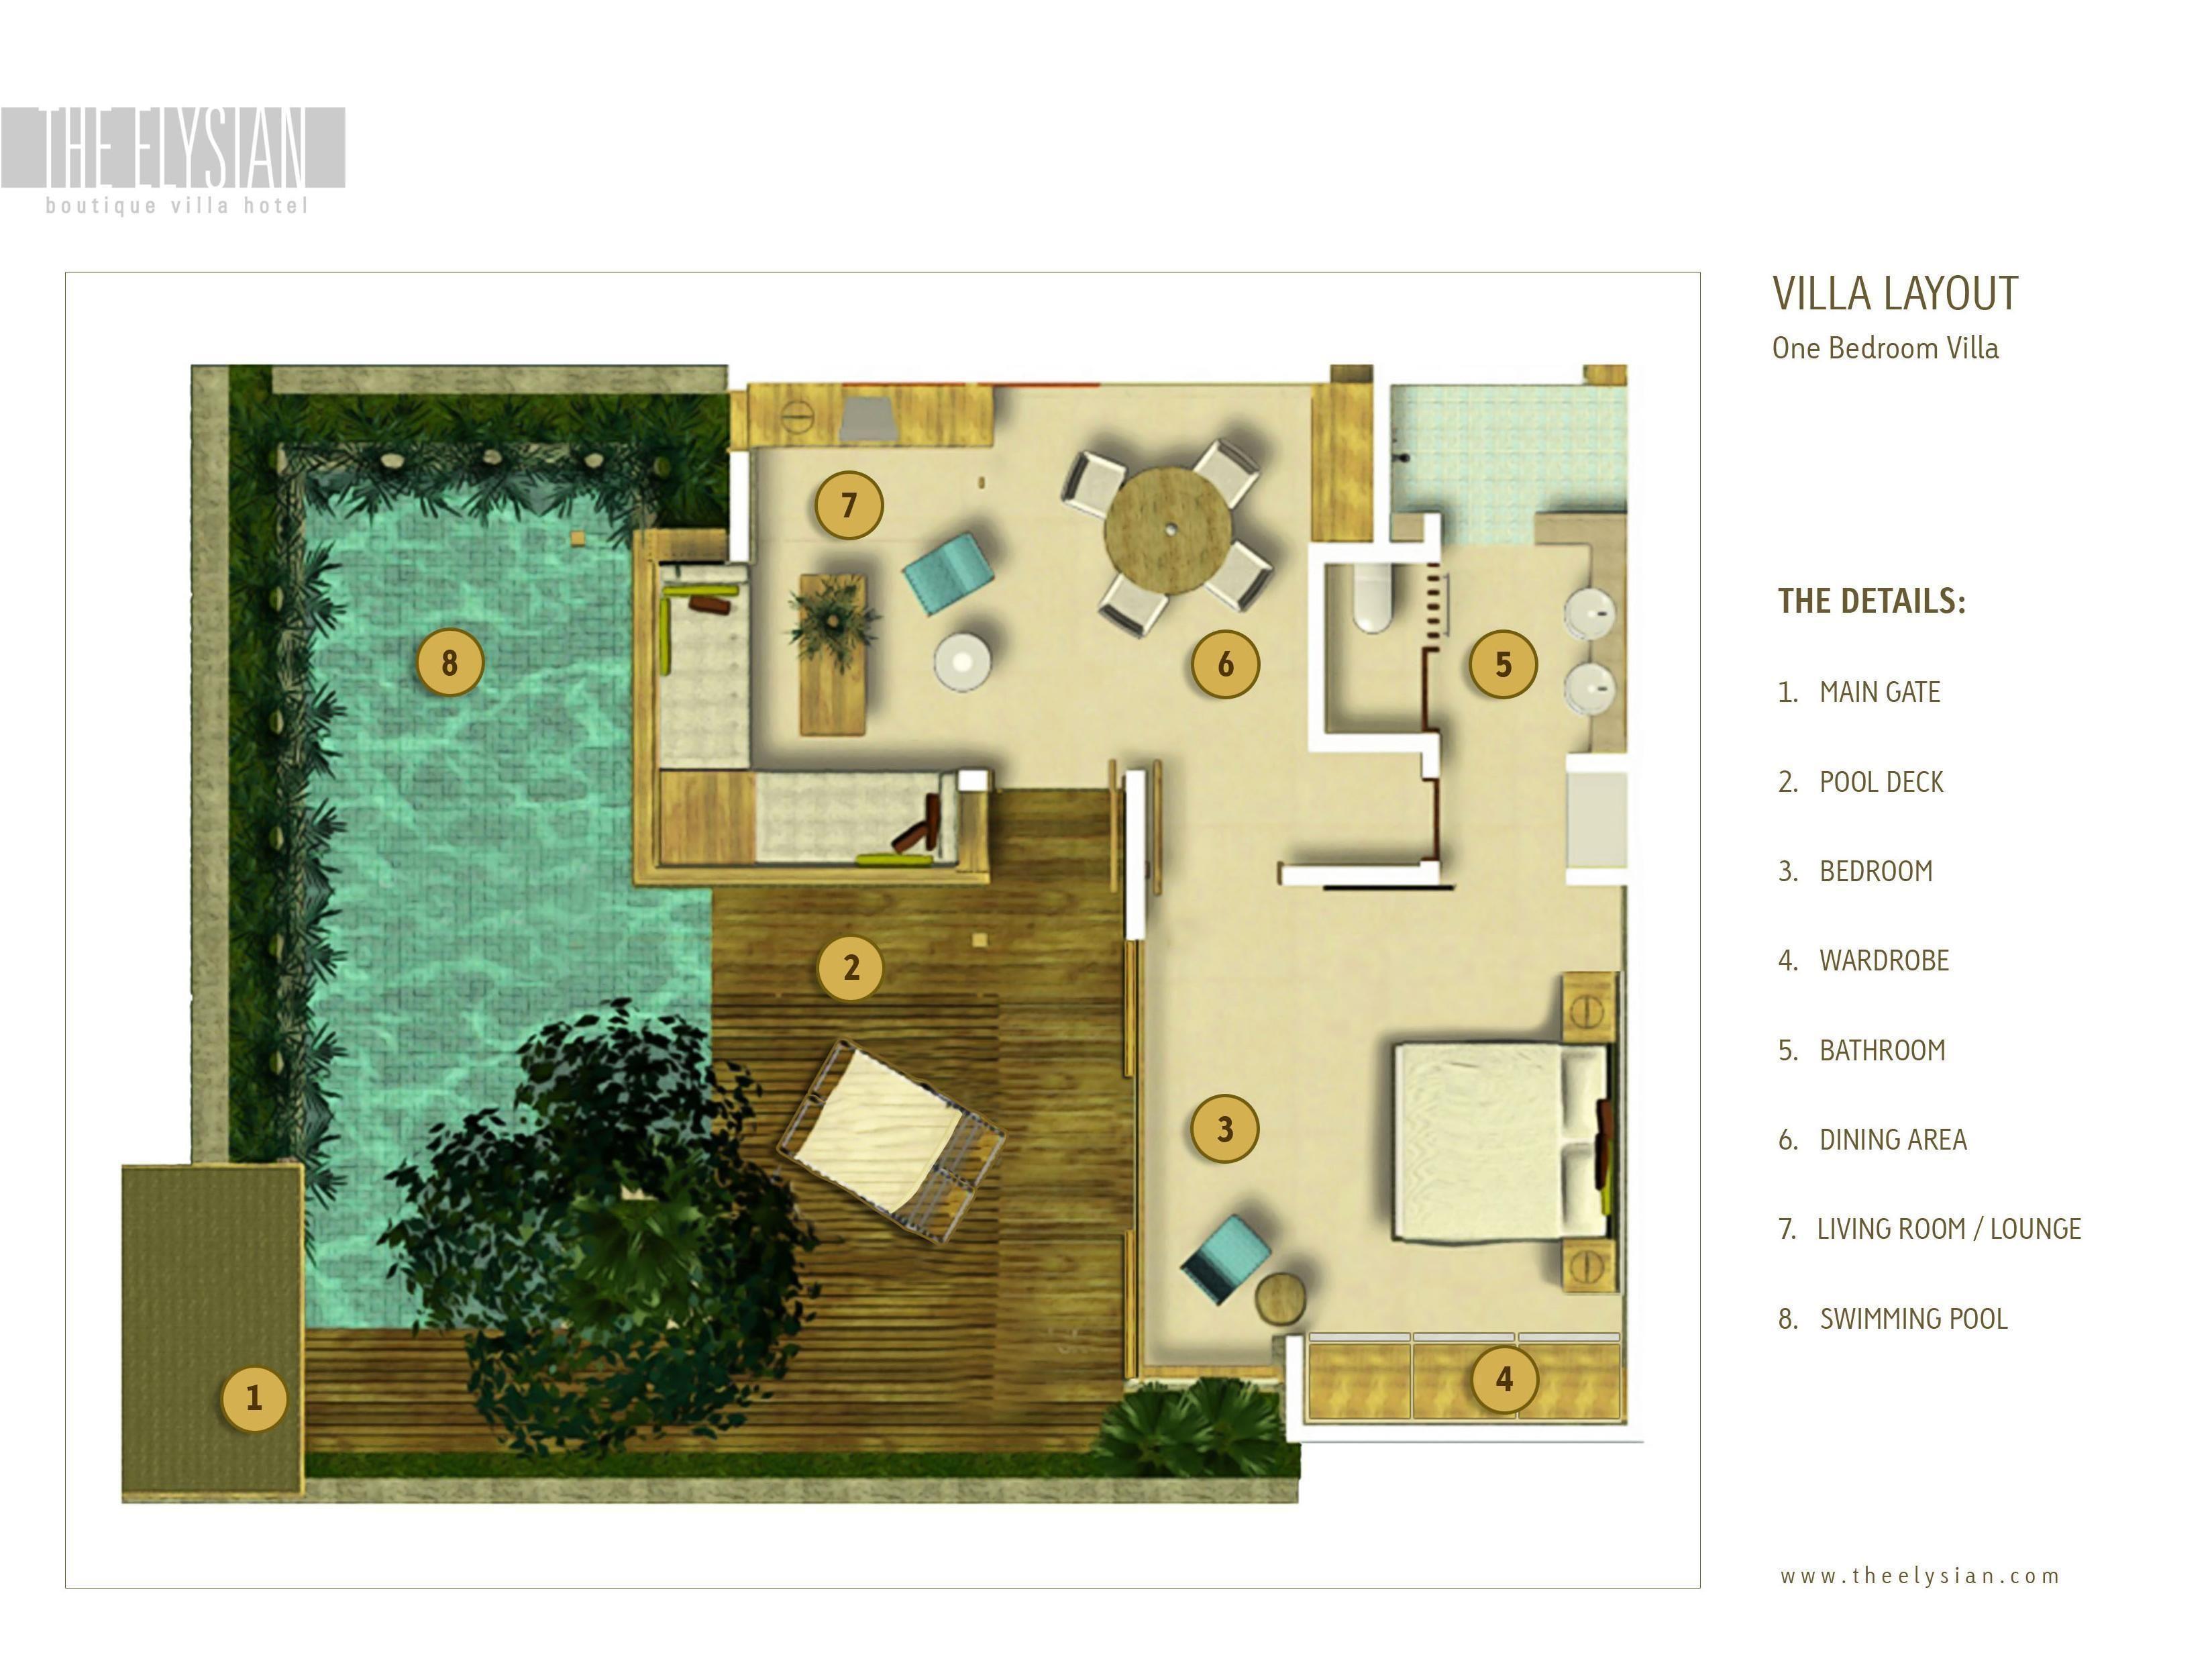 The Elysian Boutique Villa Hotel Bali Indonesia